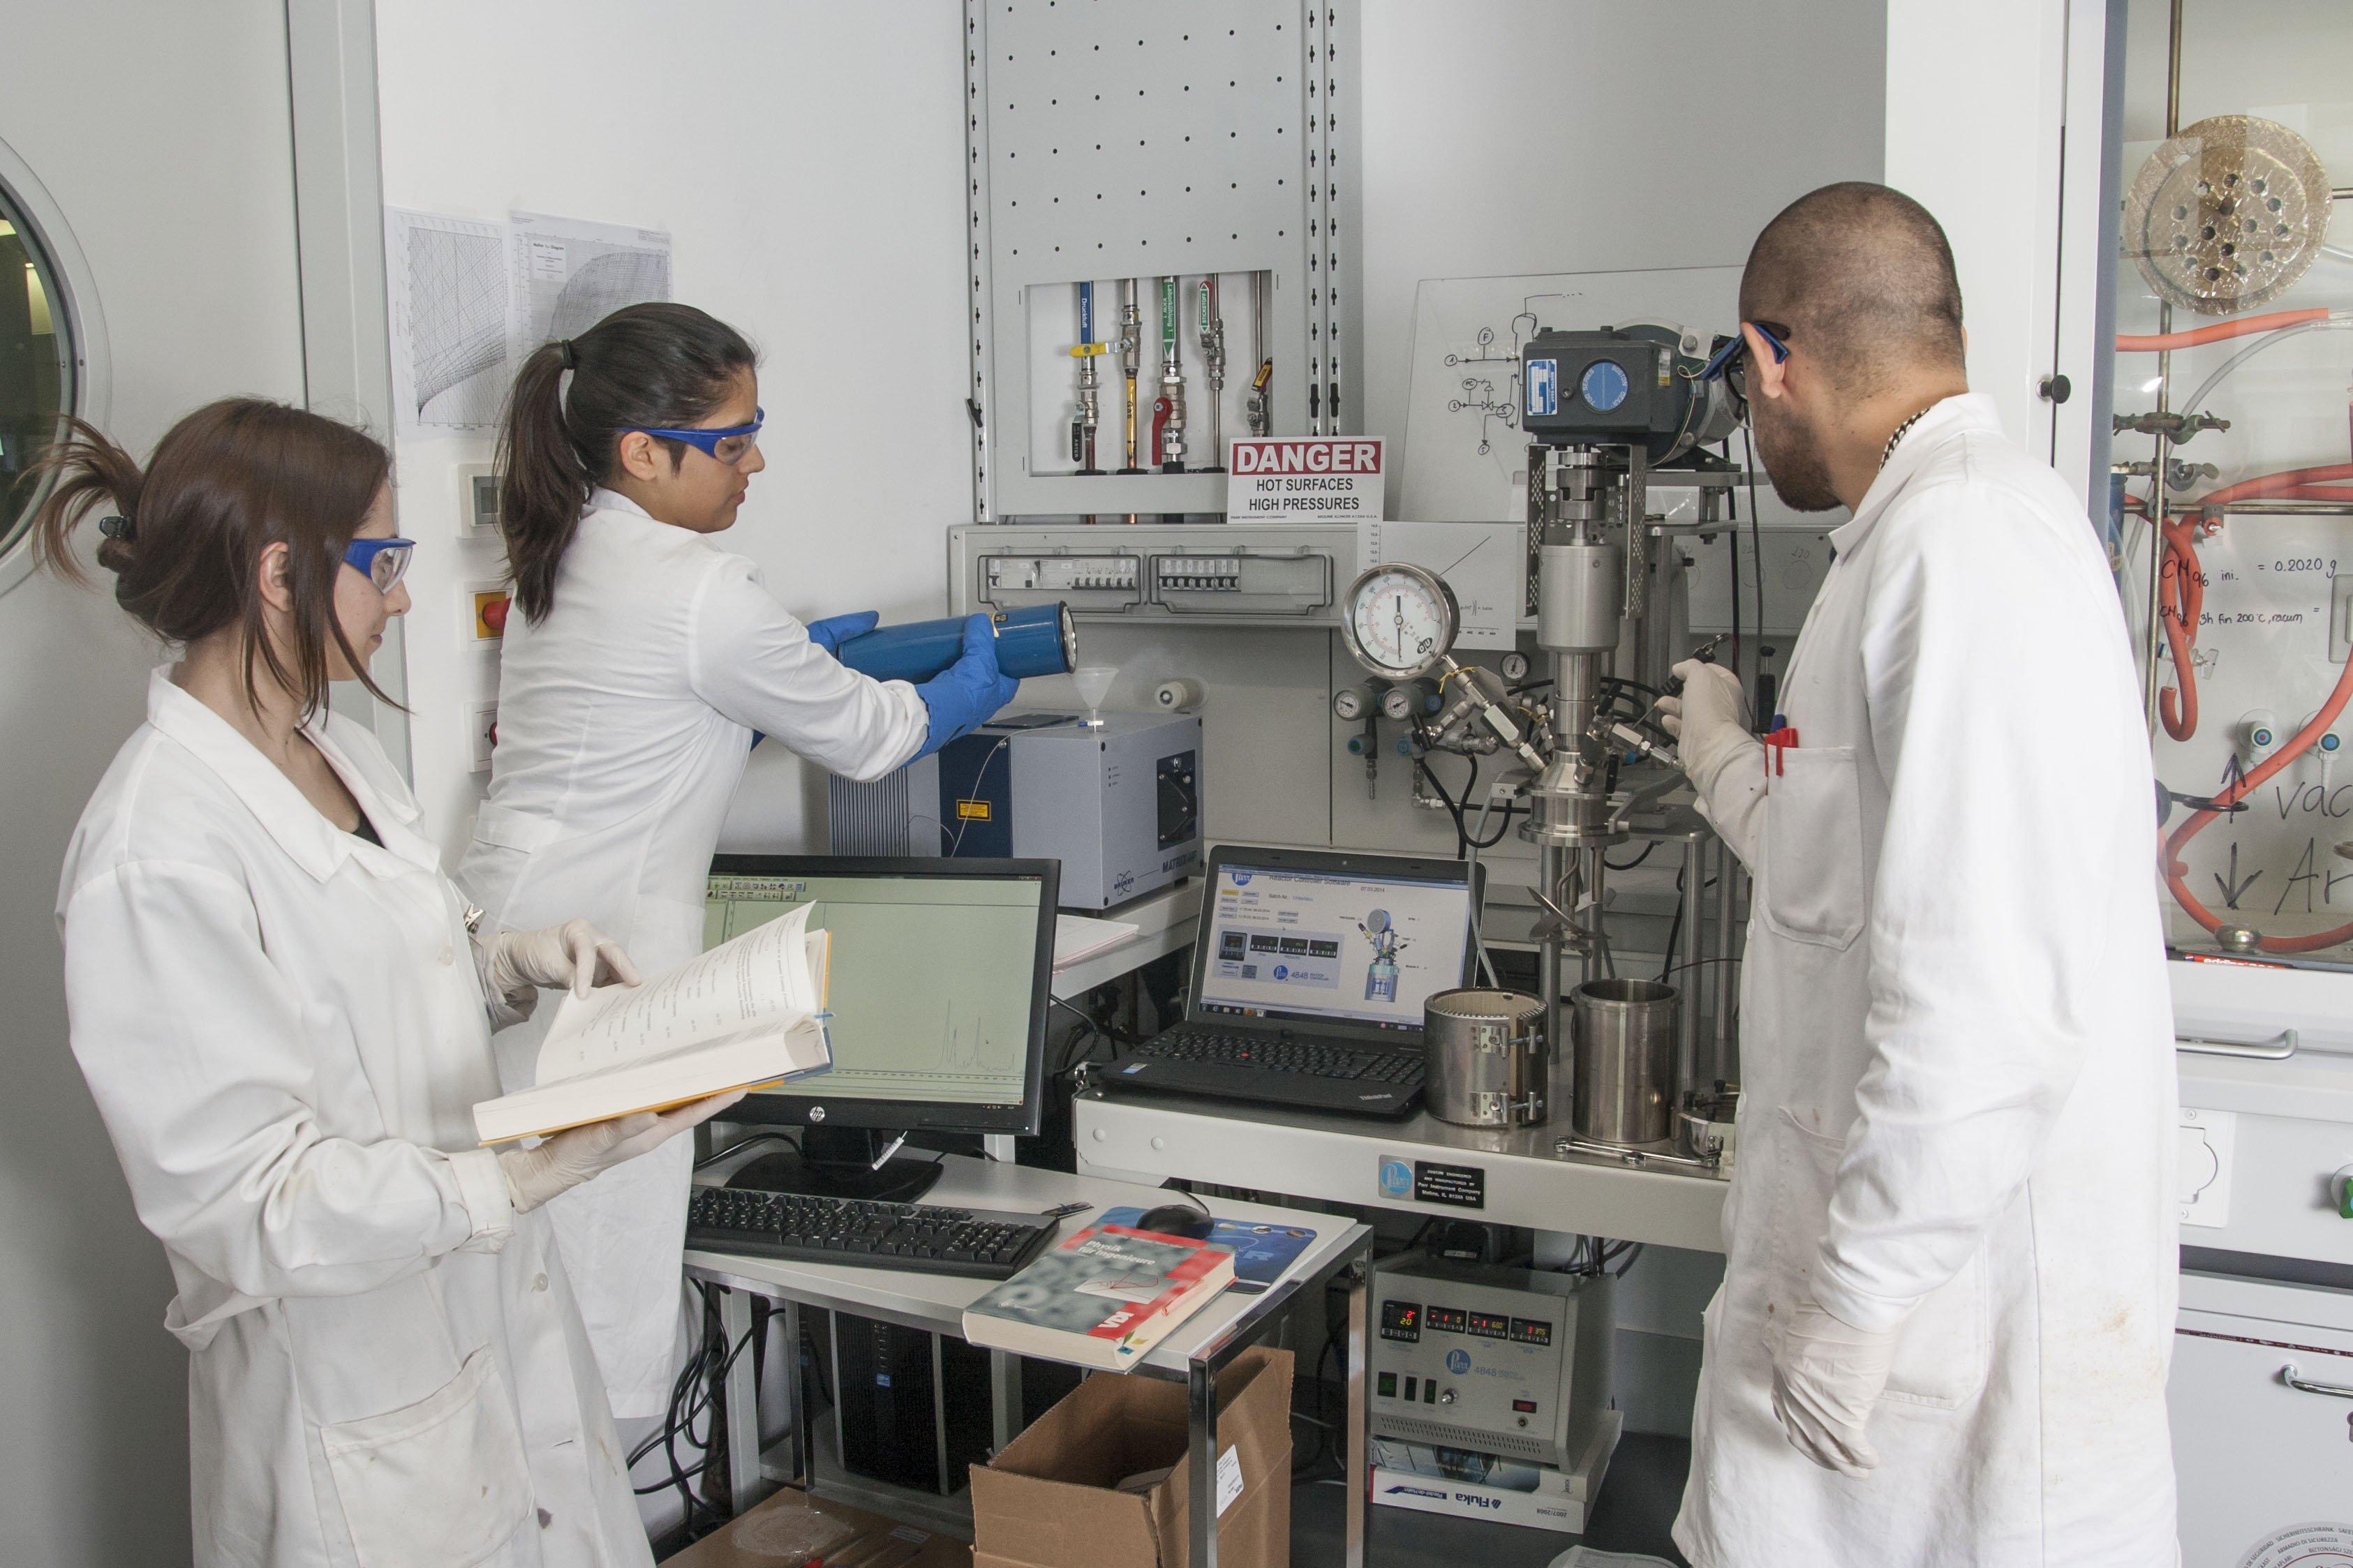 Mitarbeiter der Arbeitsgruppe von Prof. Unterlass bereiten einen Versuch mit Hochtemperatur-Infrarotsonde und Reaktor vor.